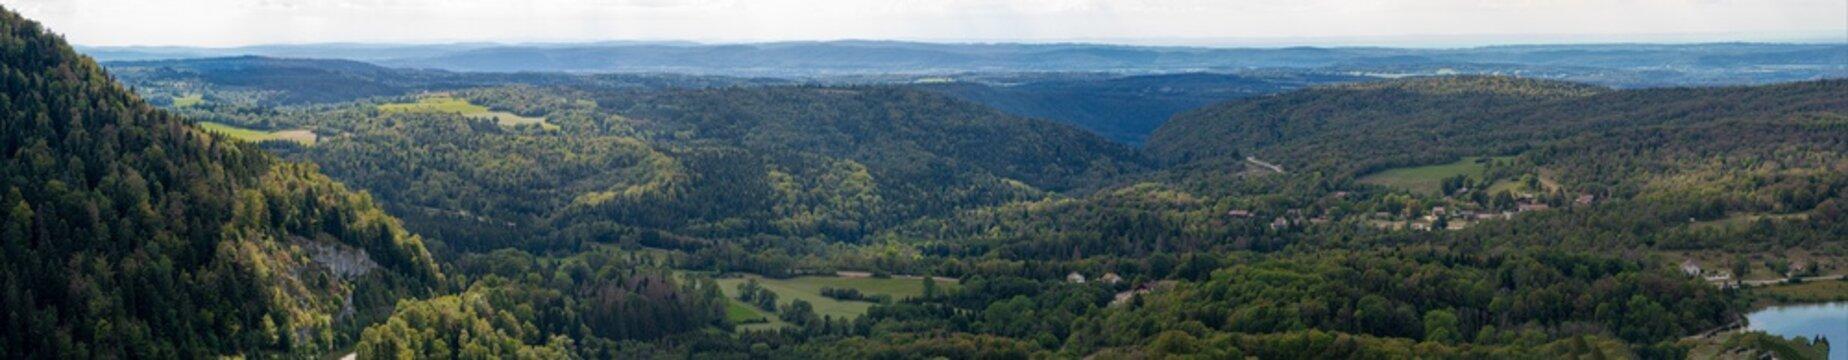 Bonlieu, France - 09 02 2020: Lake District - View from Eagle pe